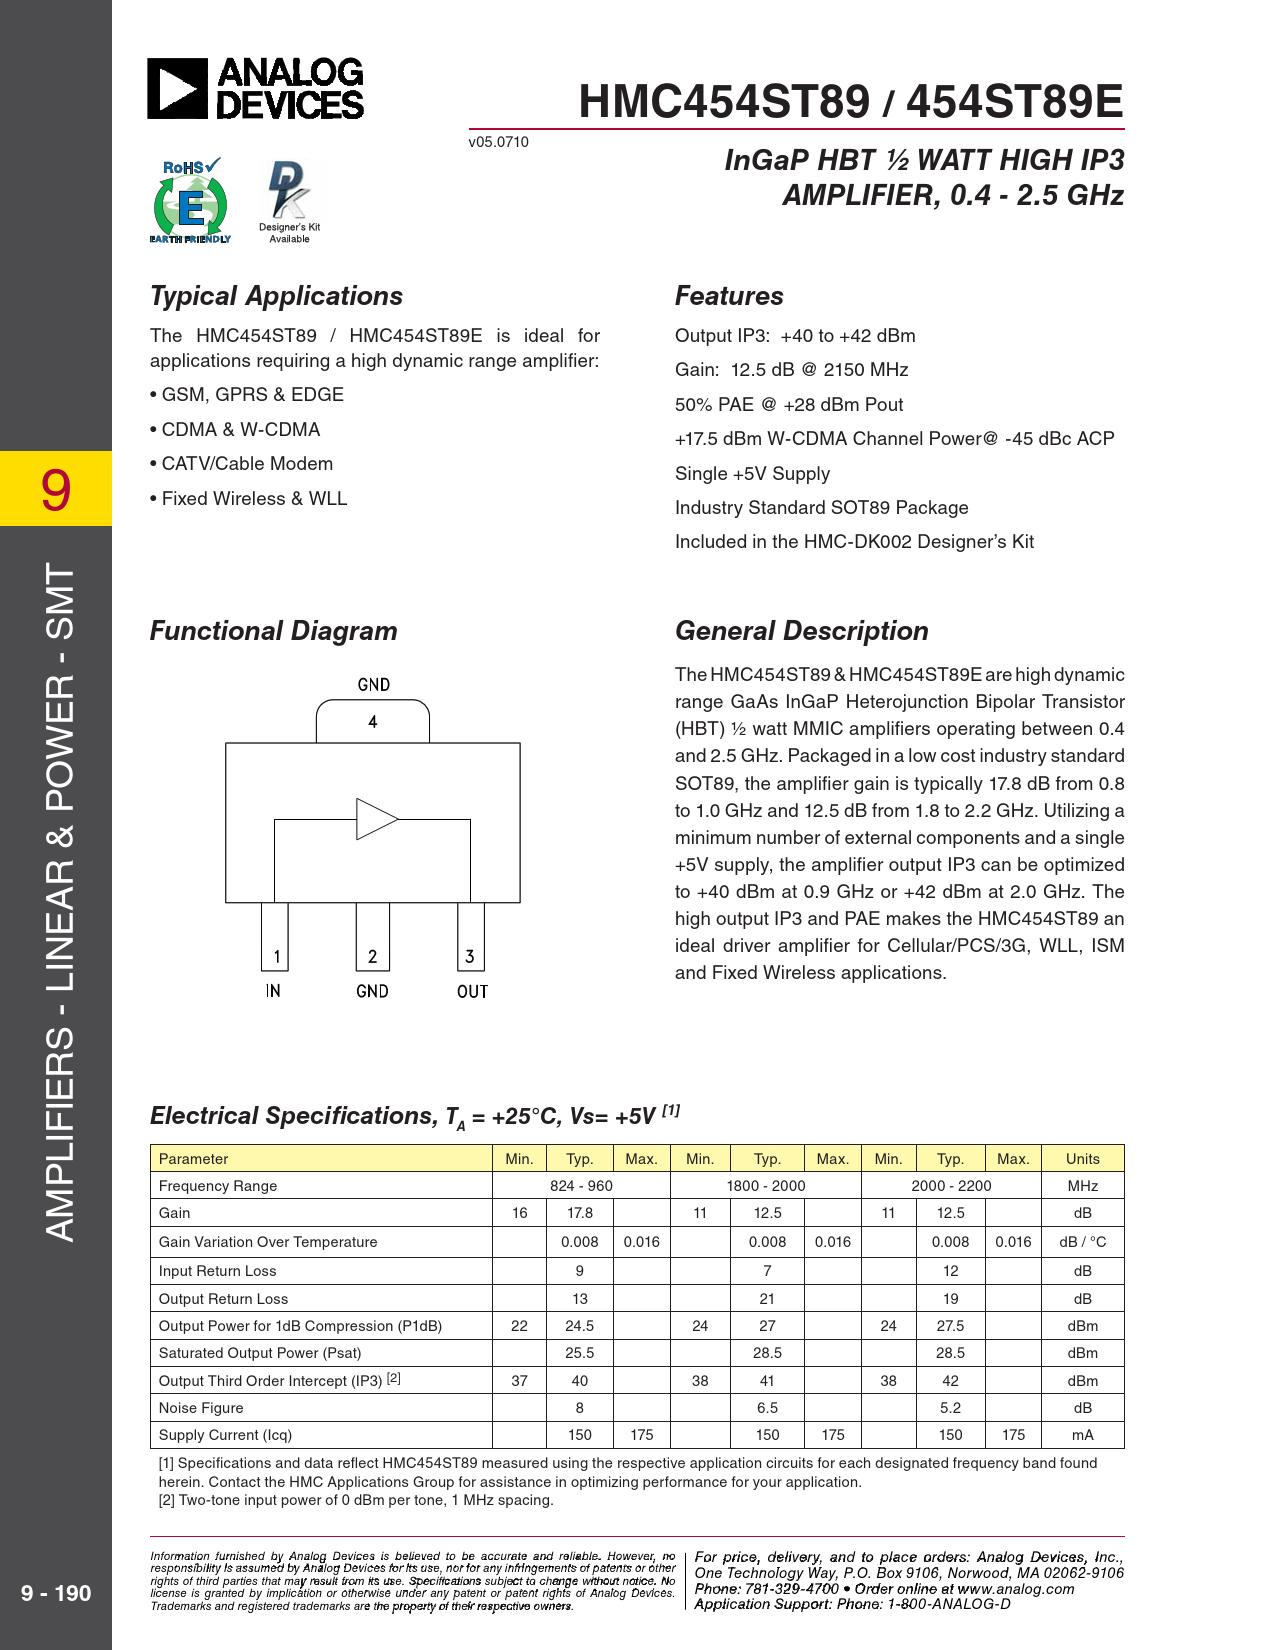 Datasheet HMC454 Analog Devices